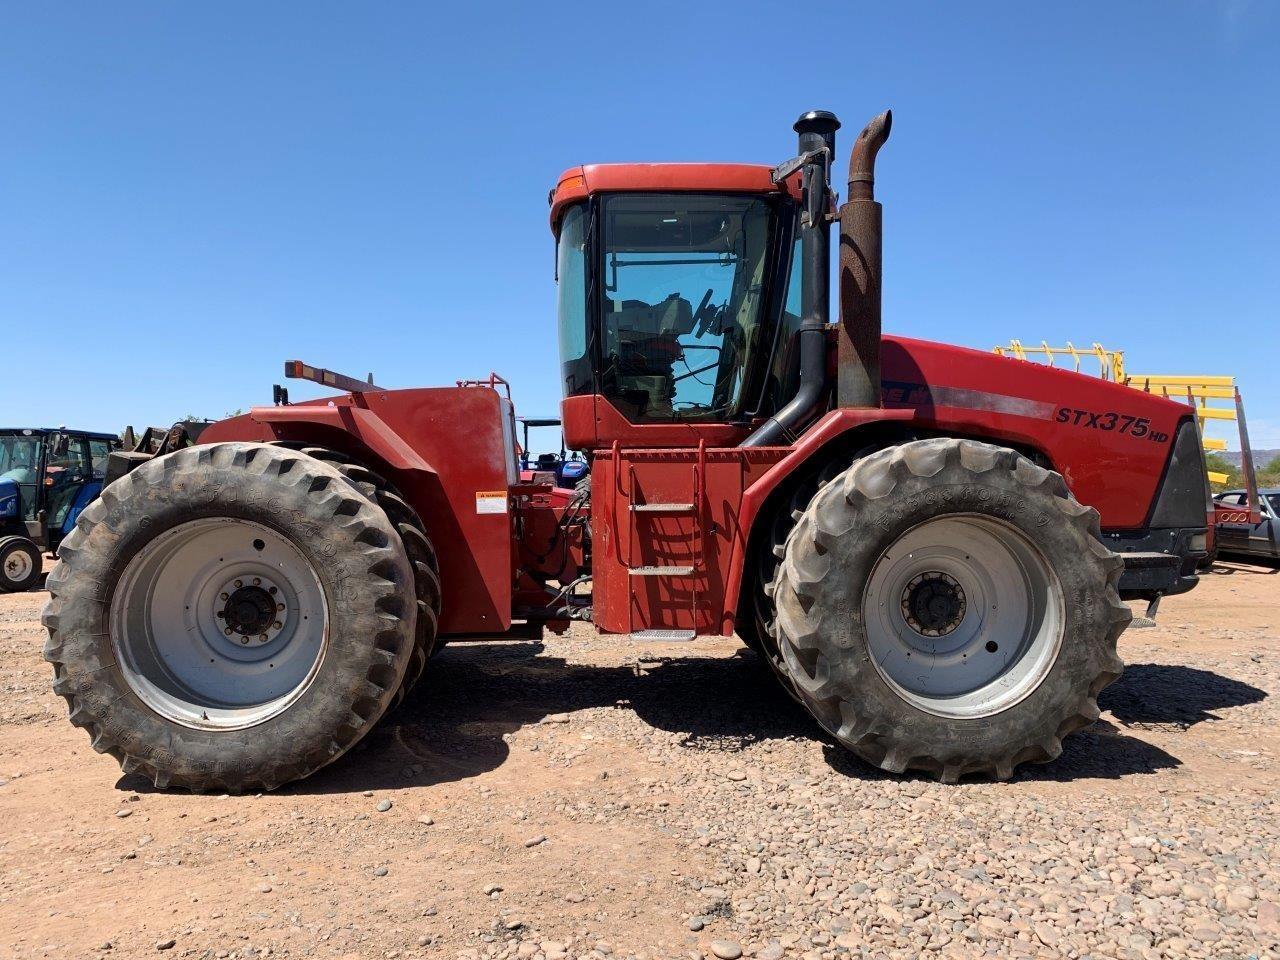 2005 Case IH STX375 Tractor